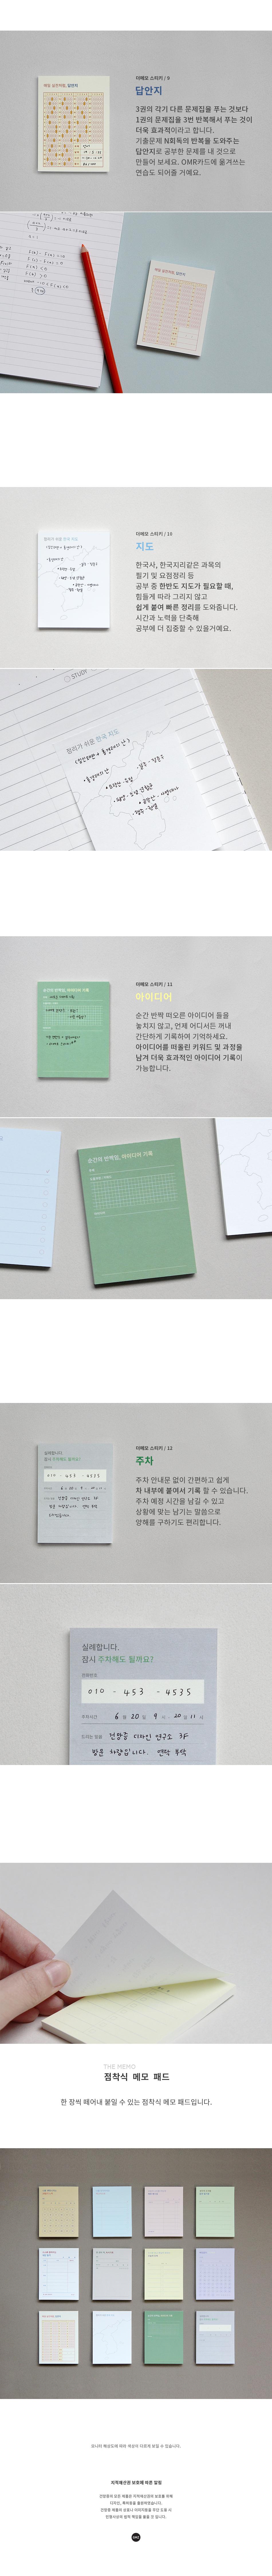 더메모 스티키 - 건망증, 2,500원, 메모/점착메모, 점착메모지